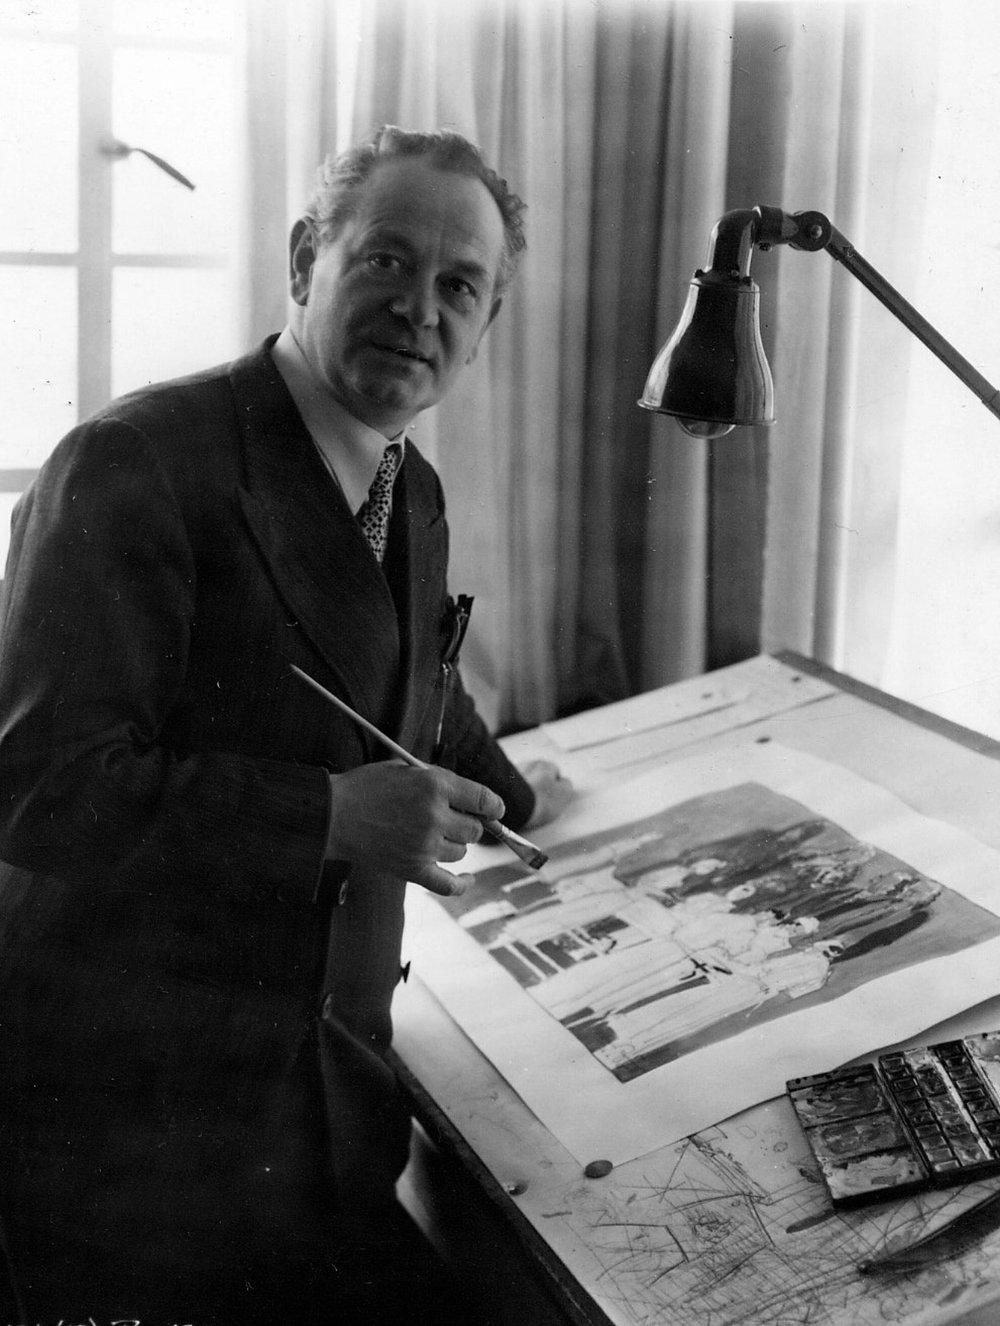 Art director Alfred Junge